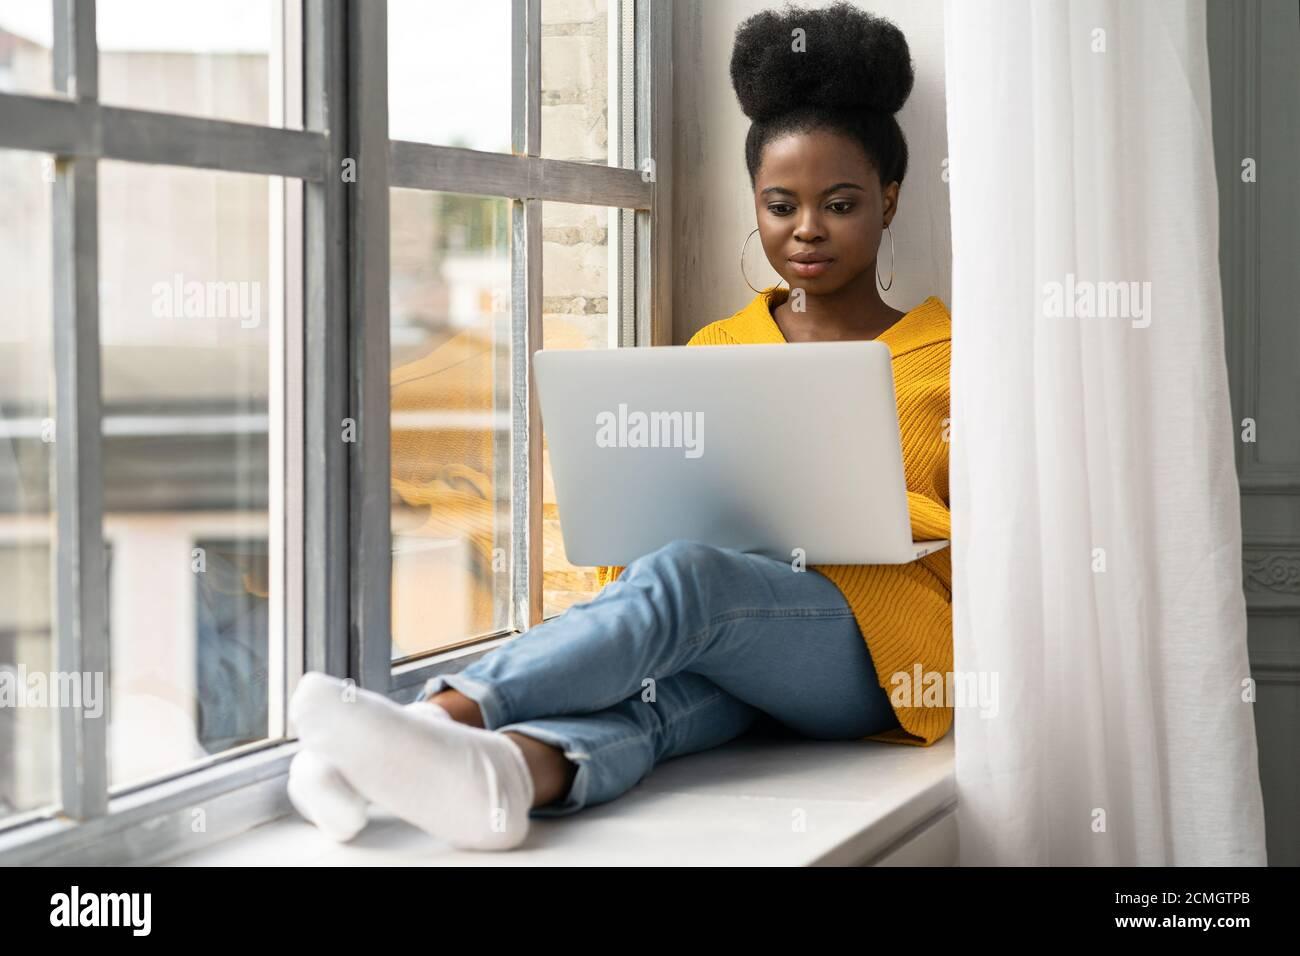 Mujer afroamericana estudiante con afro peinado llevar cárdigan amarillo, sentado en el alféizar de la ventana, trabajando haciendo trabajo remoto en el portátil, aprendiendo usando onl Foto de stock